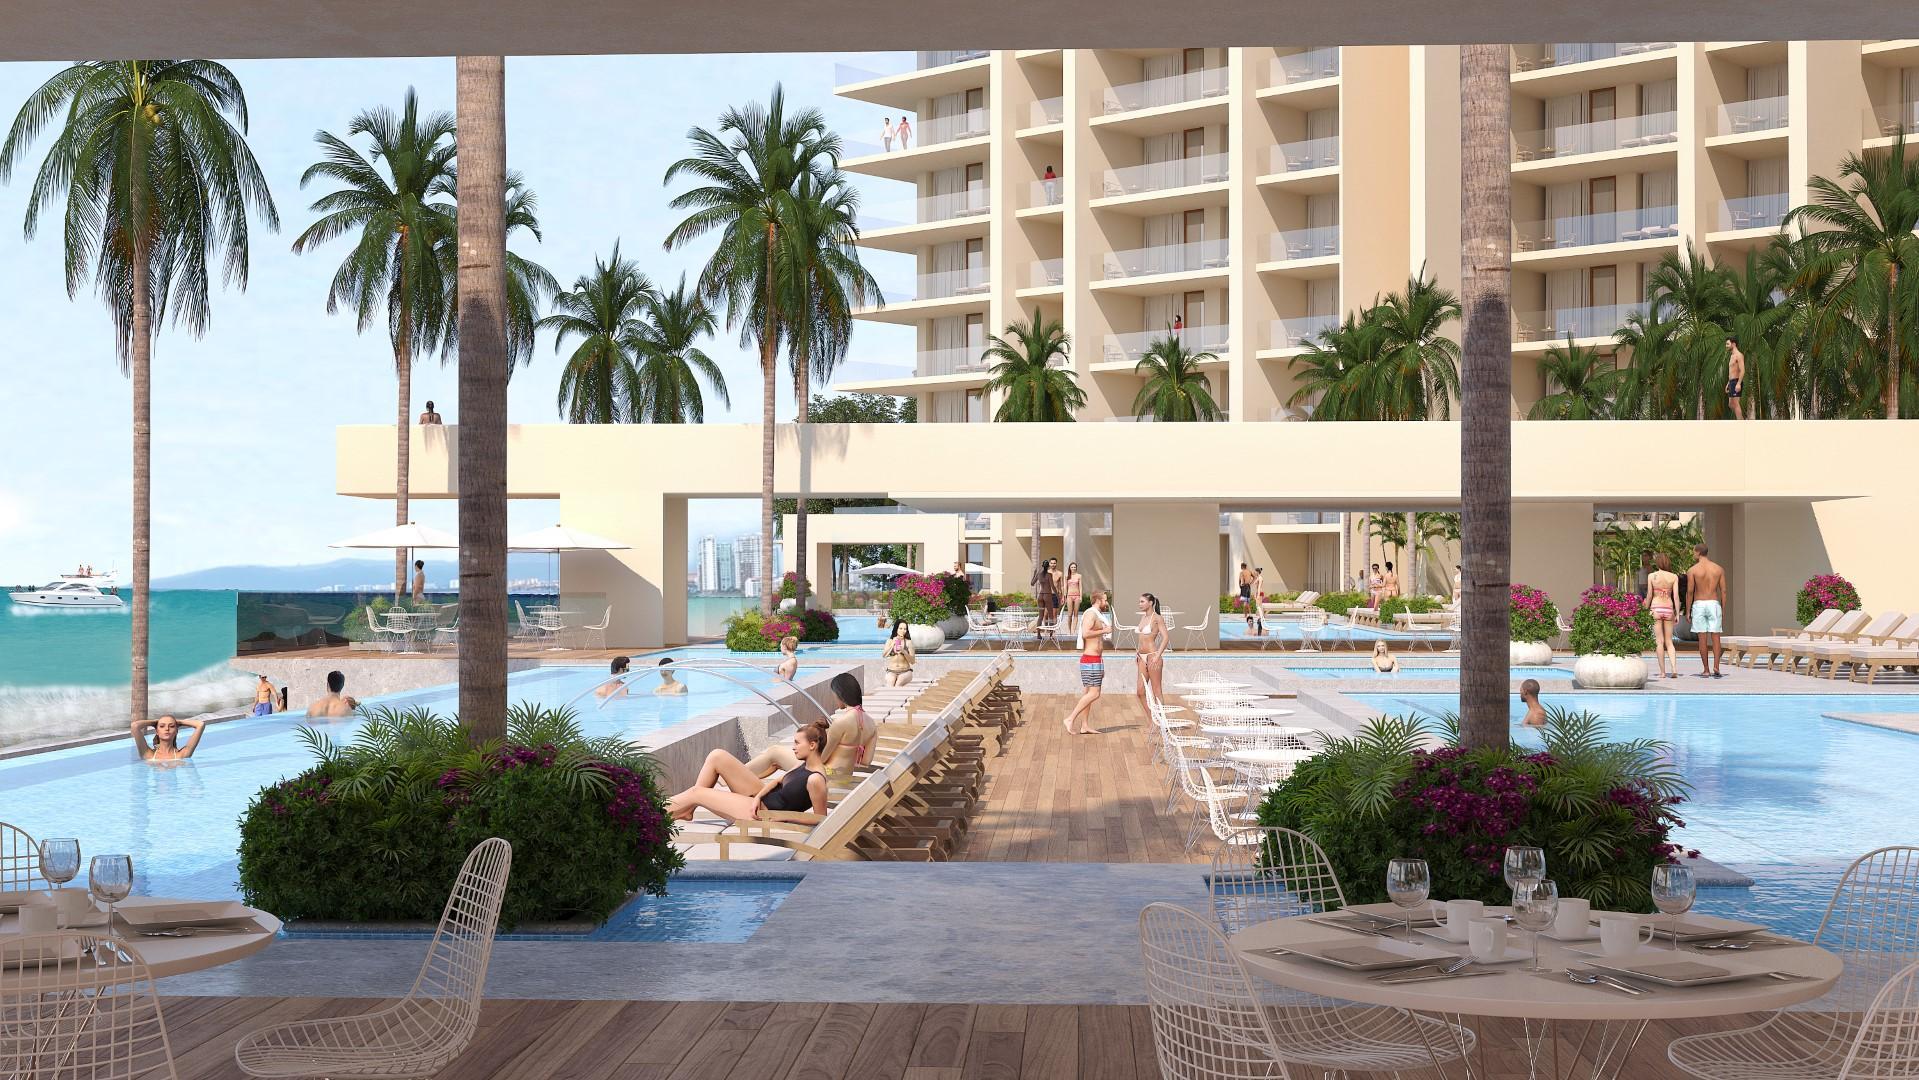 Hotel Zone, 1 Bedroom Bedrooms, ,1 BathroomBathrooms,Condo,For Sale,Febronio Uribe,22147